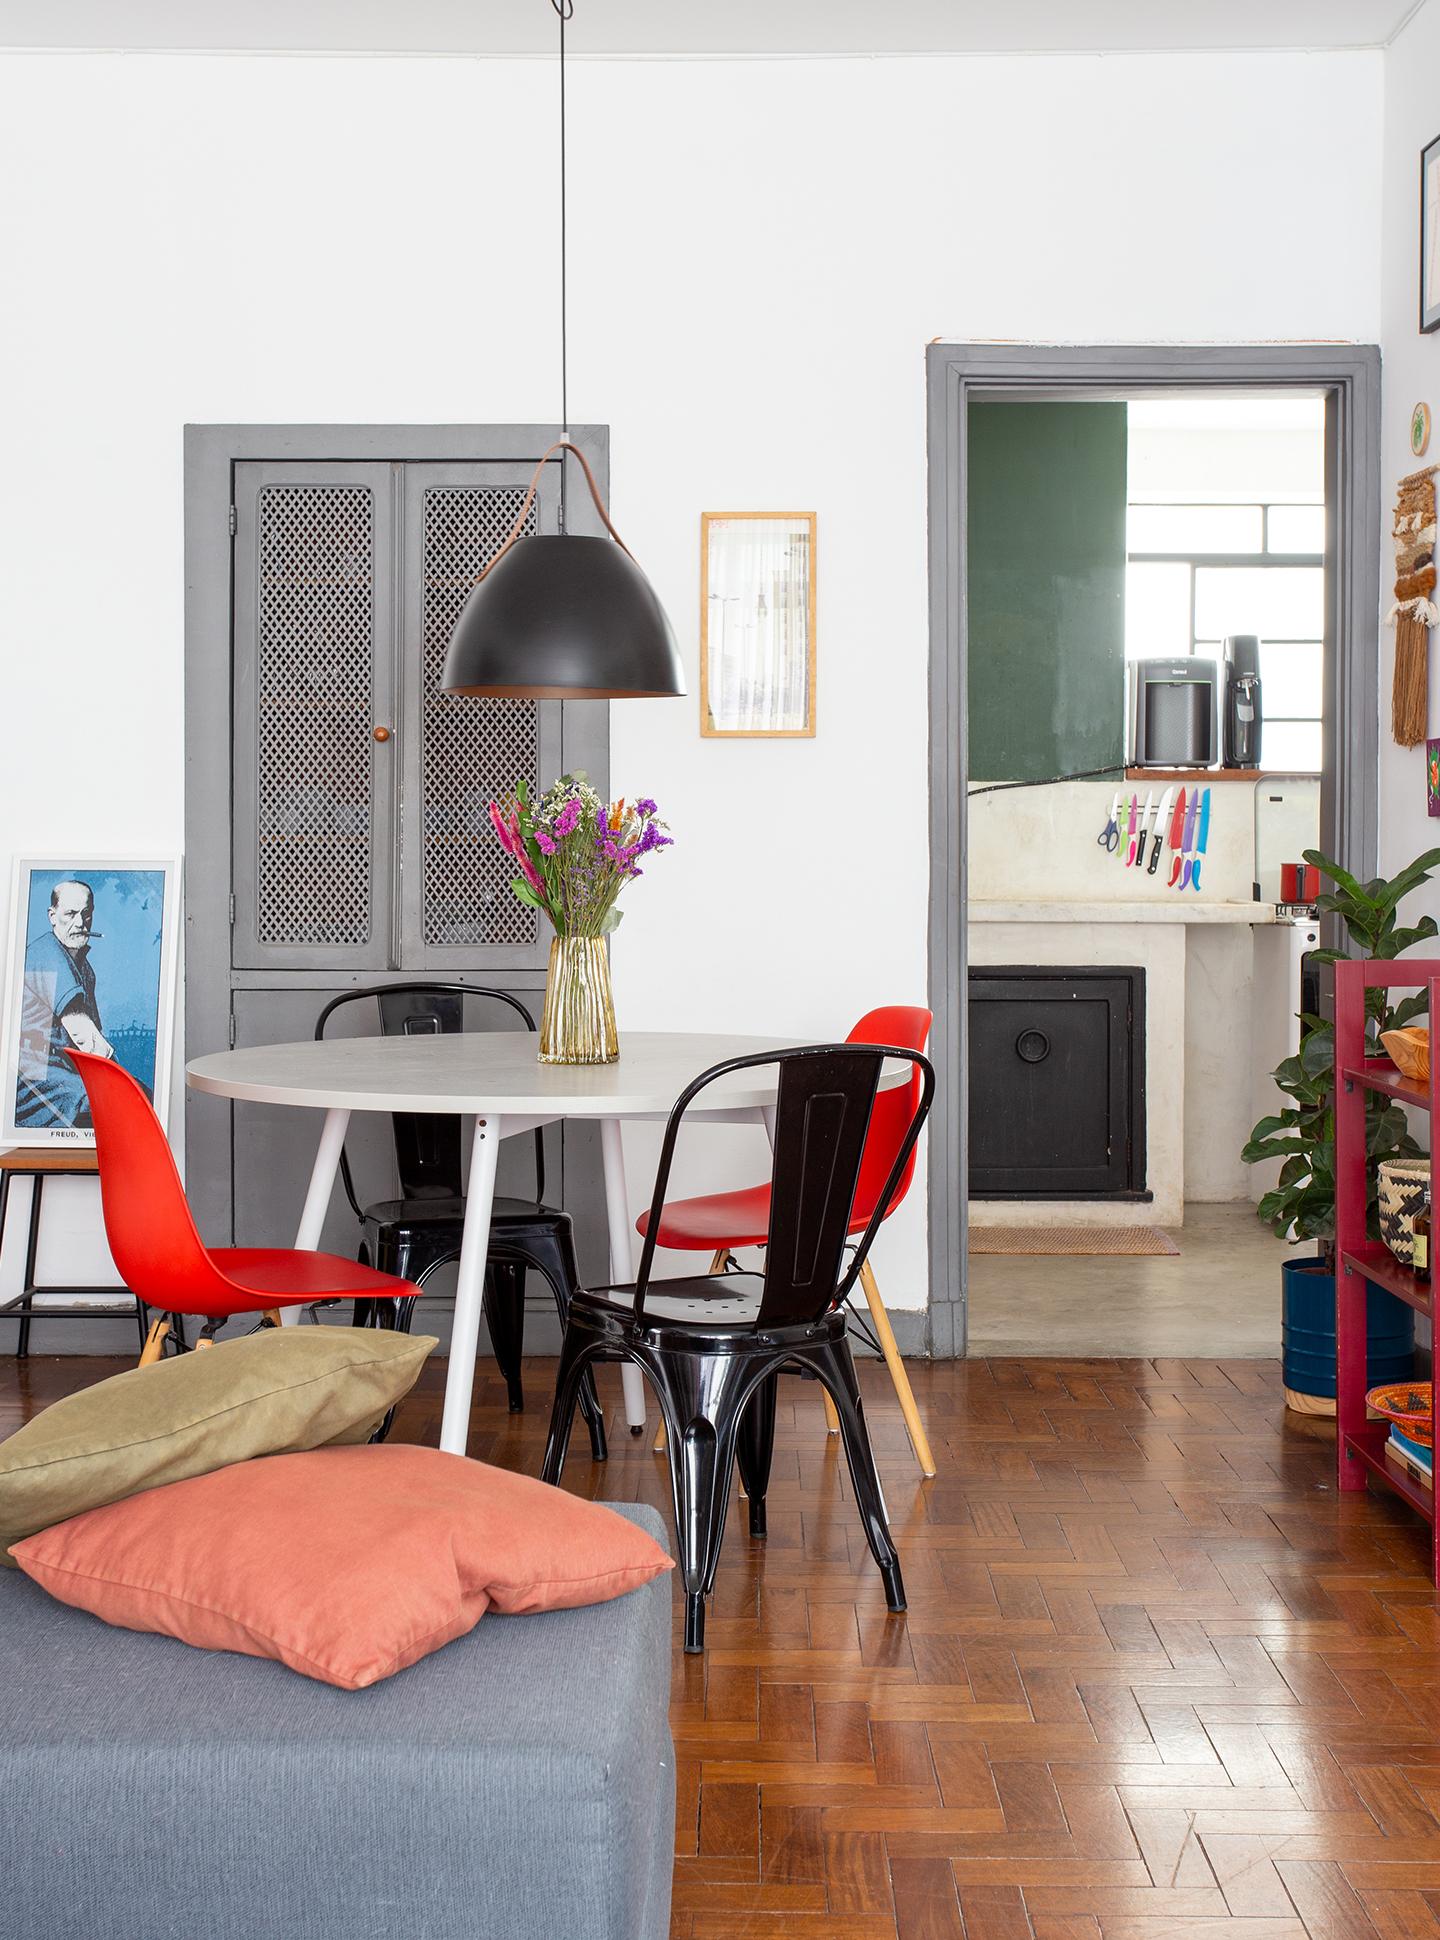 Apartamento alugado e colorido com boas ideias